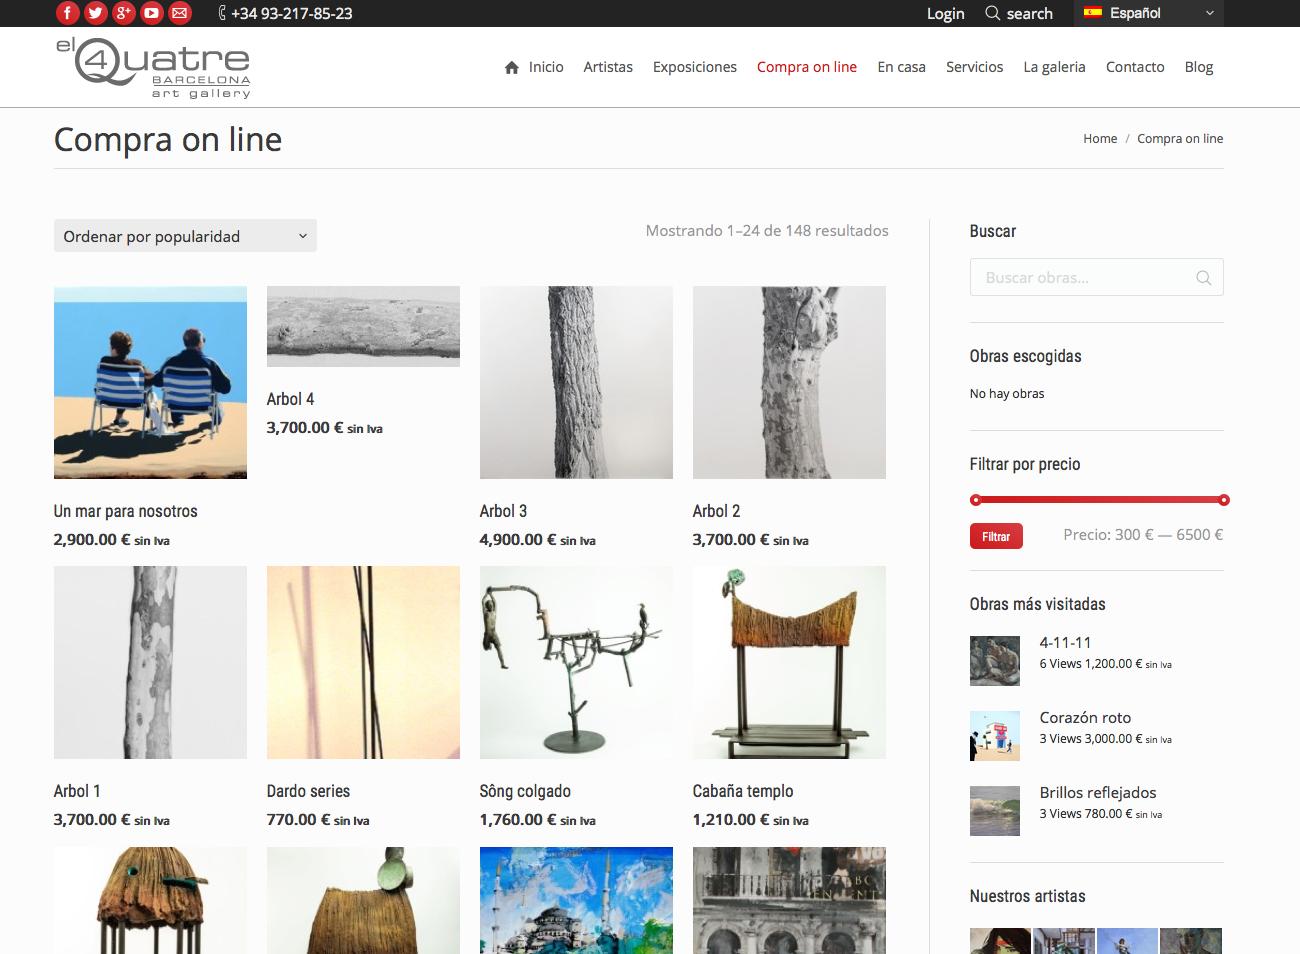 Tienda Online El Quatre